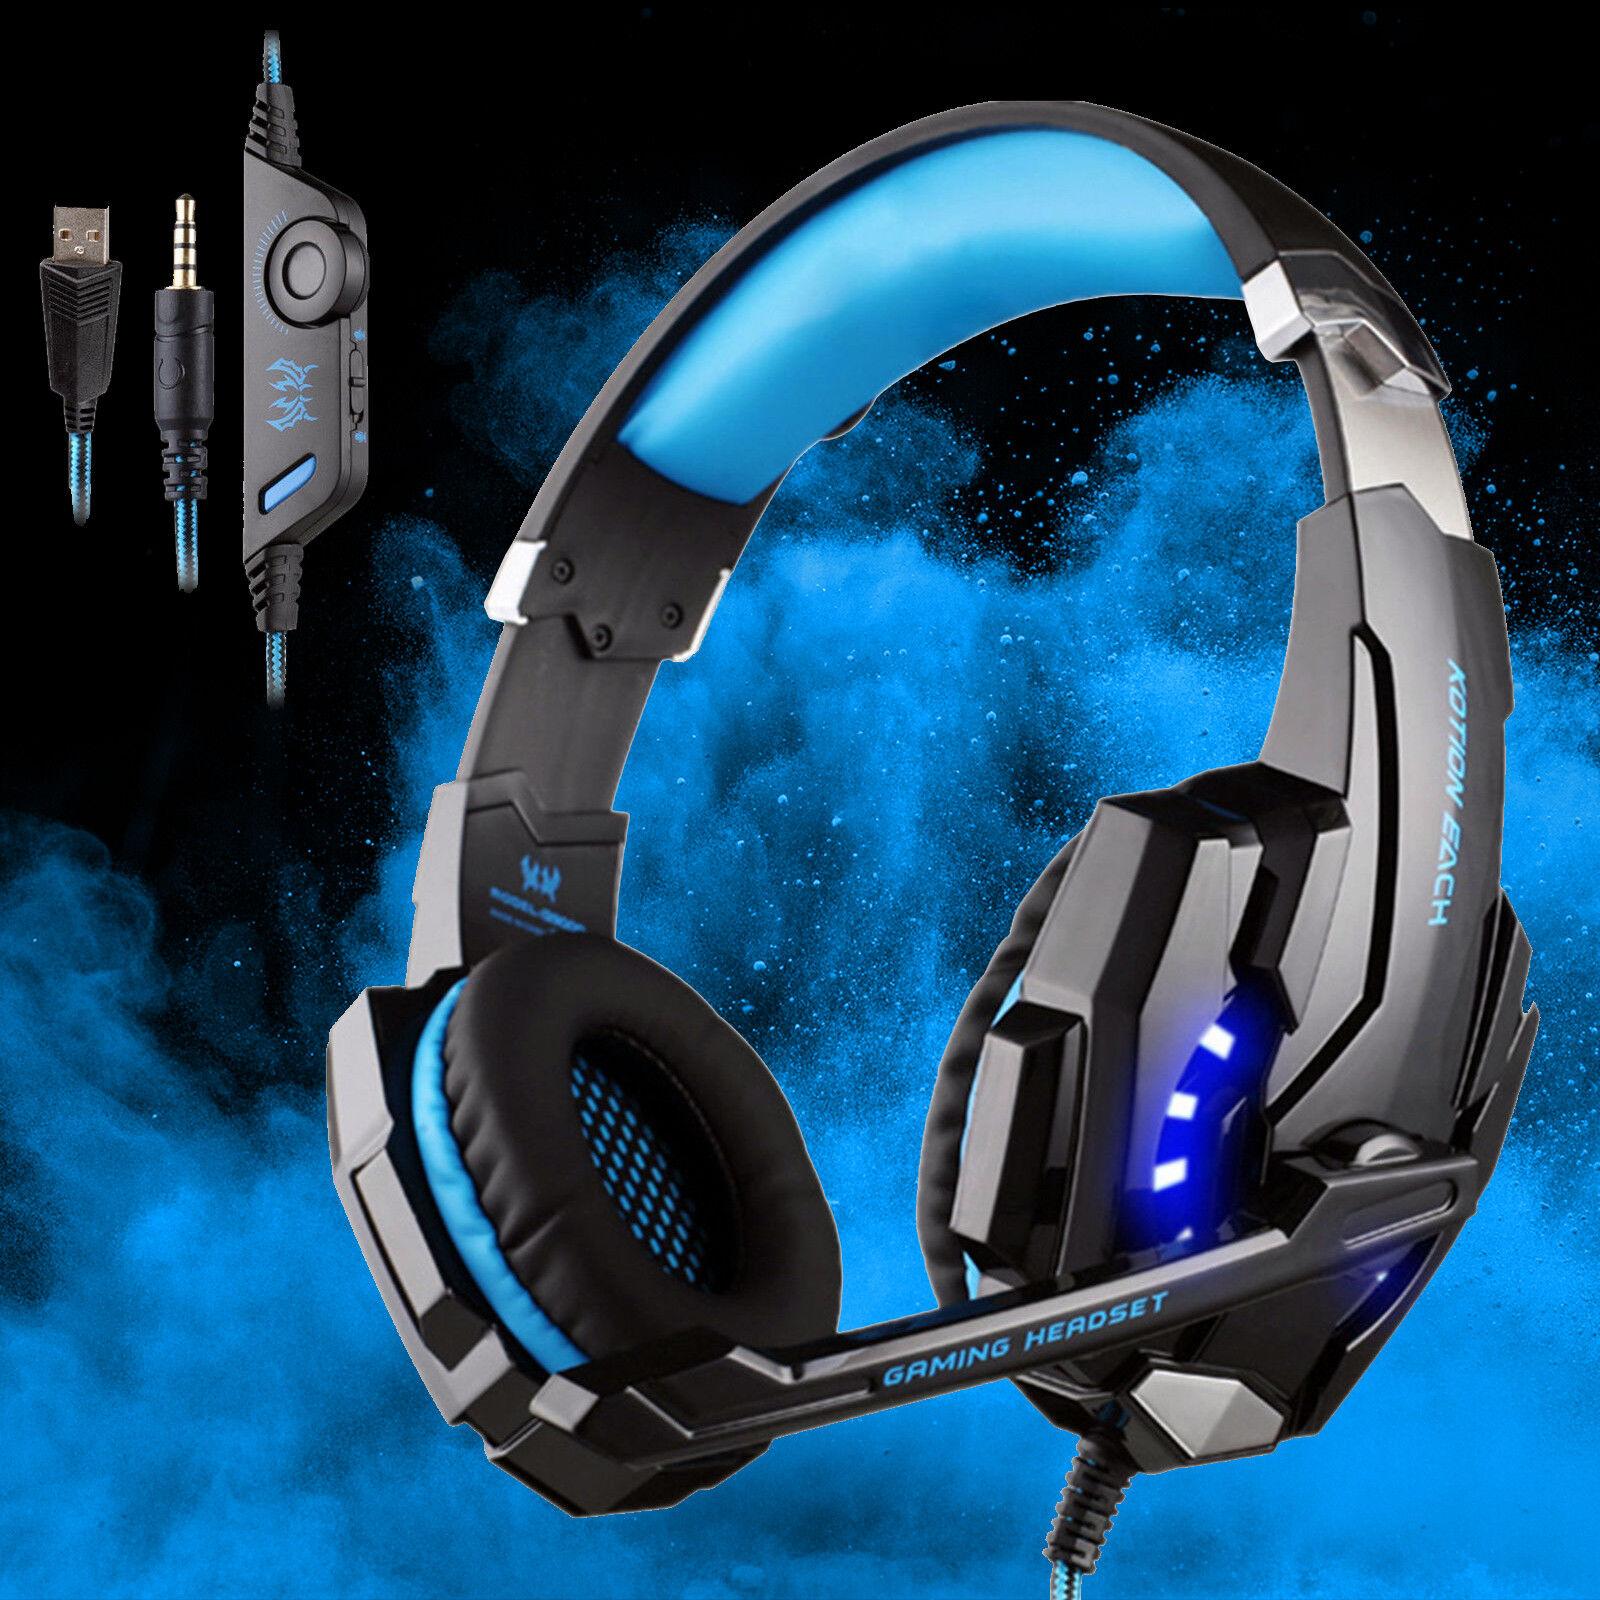 g9000 gaming headsets 3 5mm headphones earphone